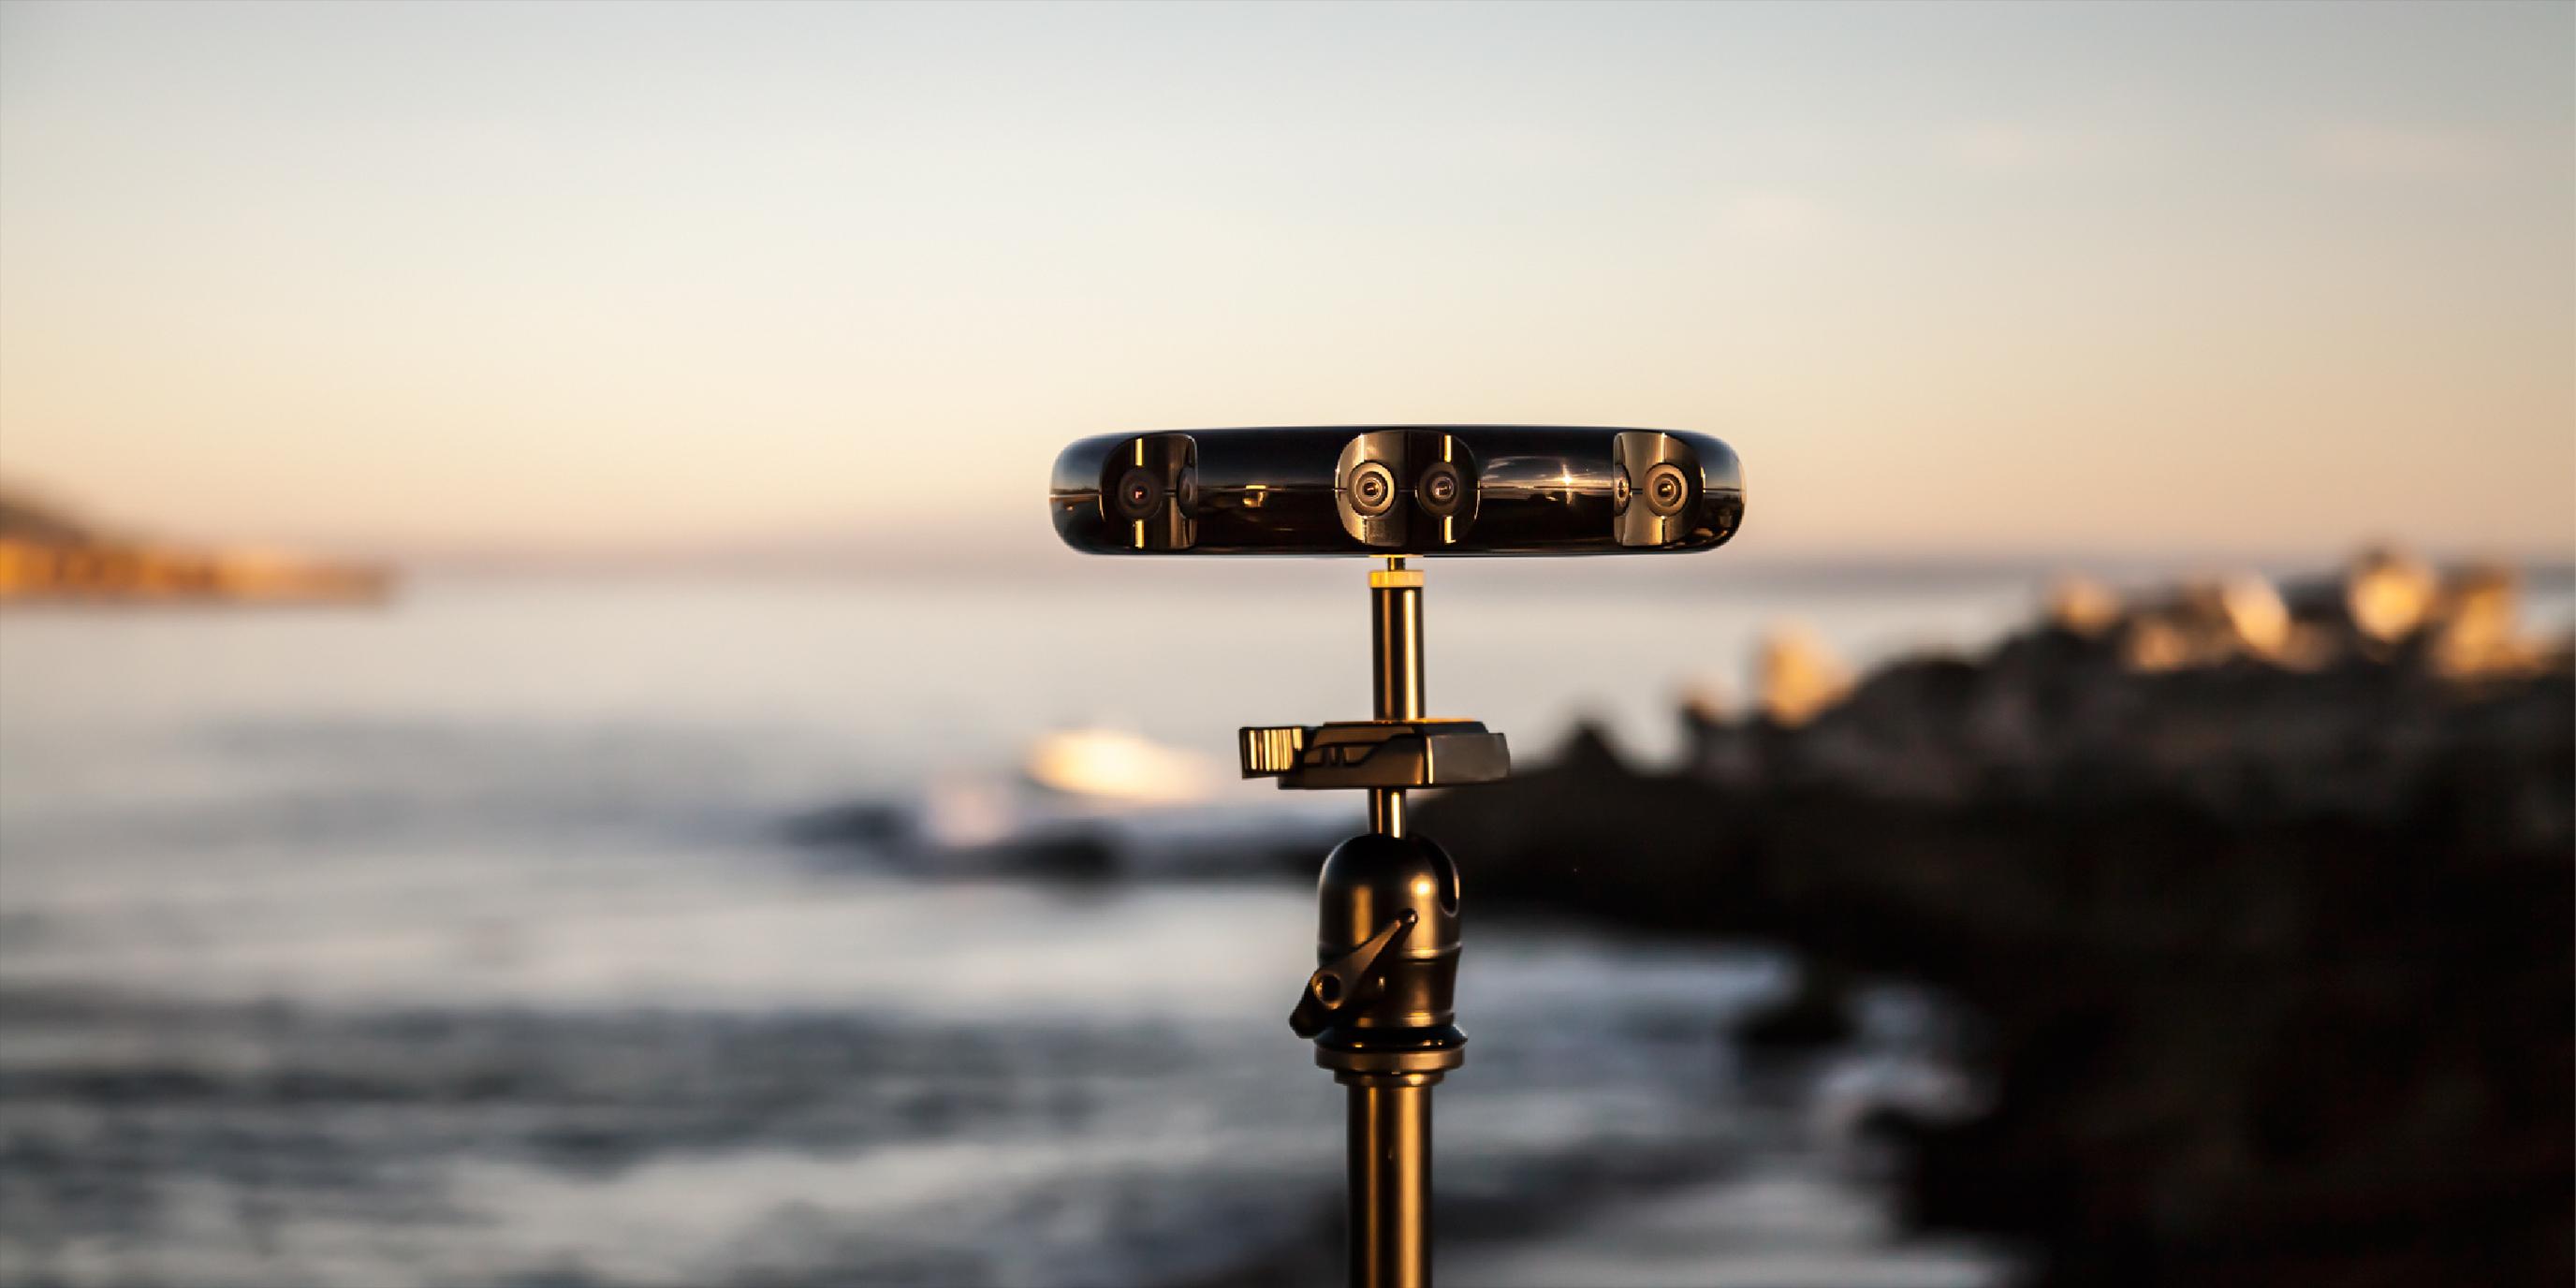 Samsung、ストリーミング/3D対応の全方位カメラ「Beyond」 ~ヘッドマウントディスプレイでその場の様子を眼前に再現